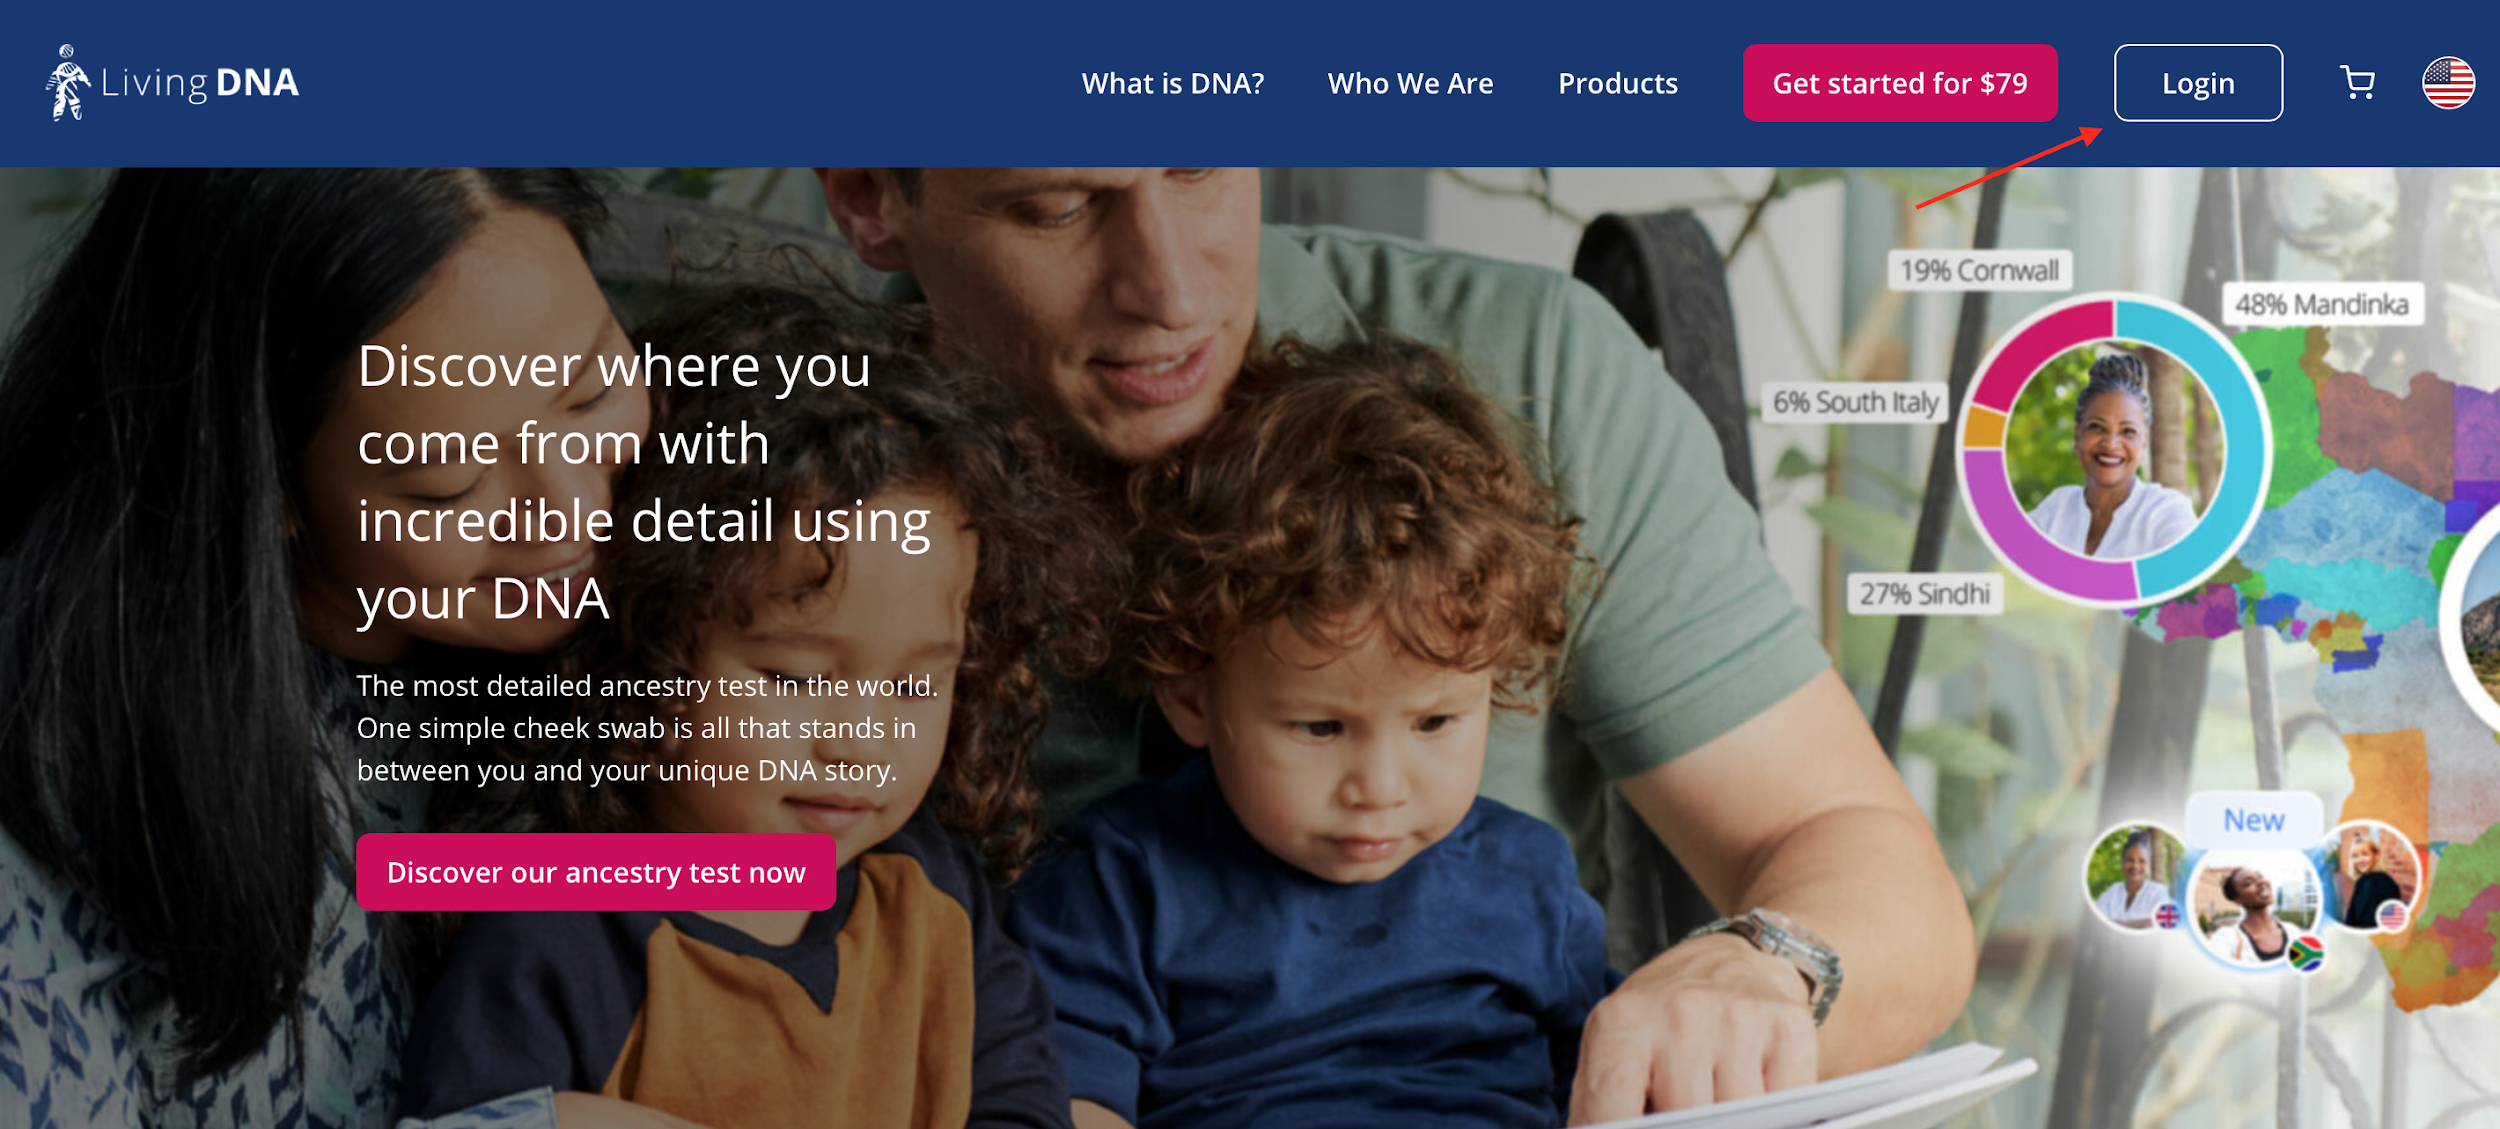 Living DNA login button